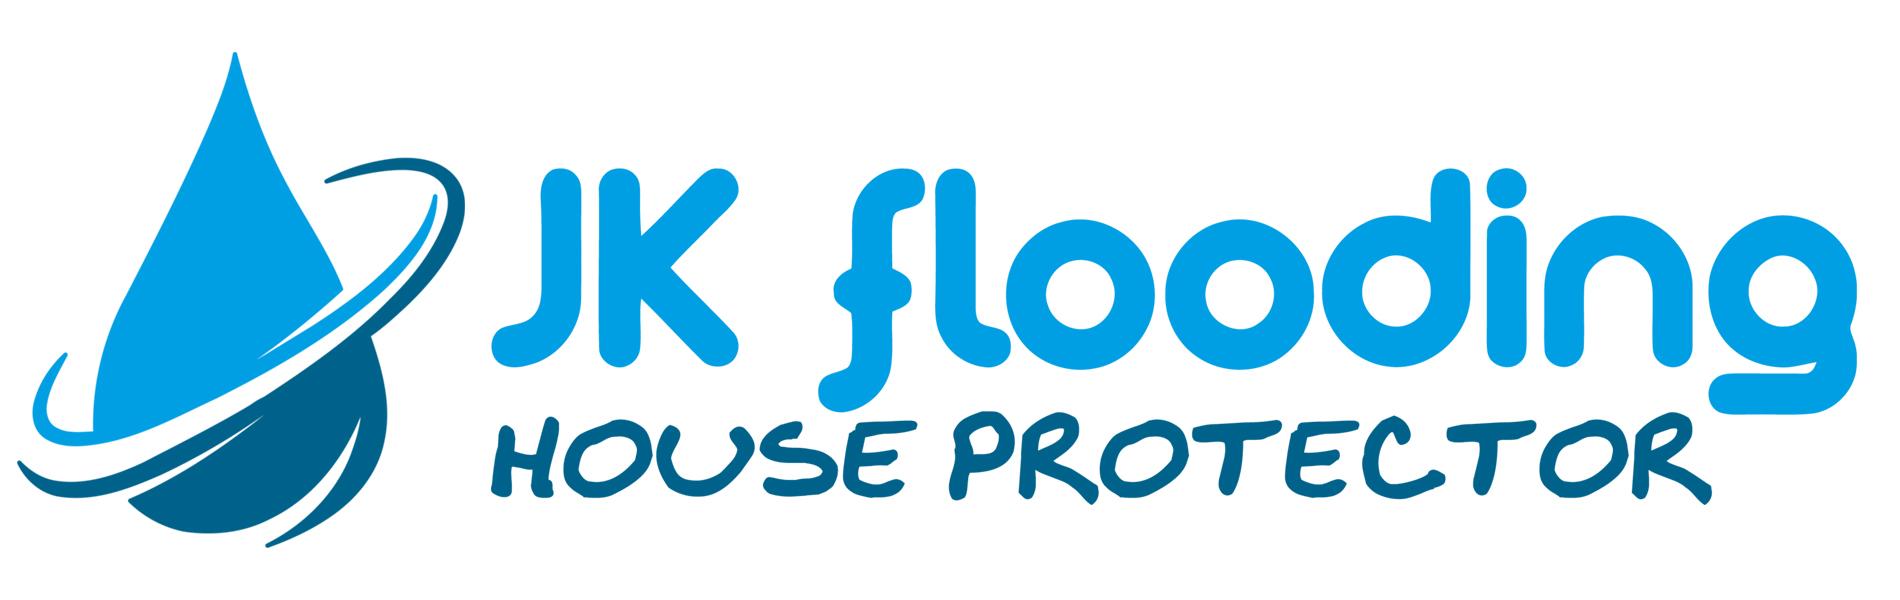 bescherm u tegen wateroverlast